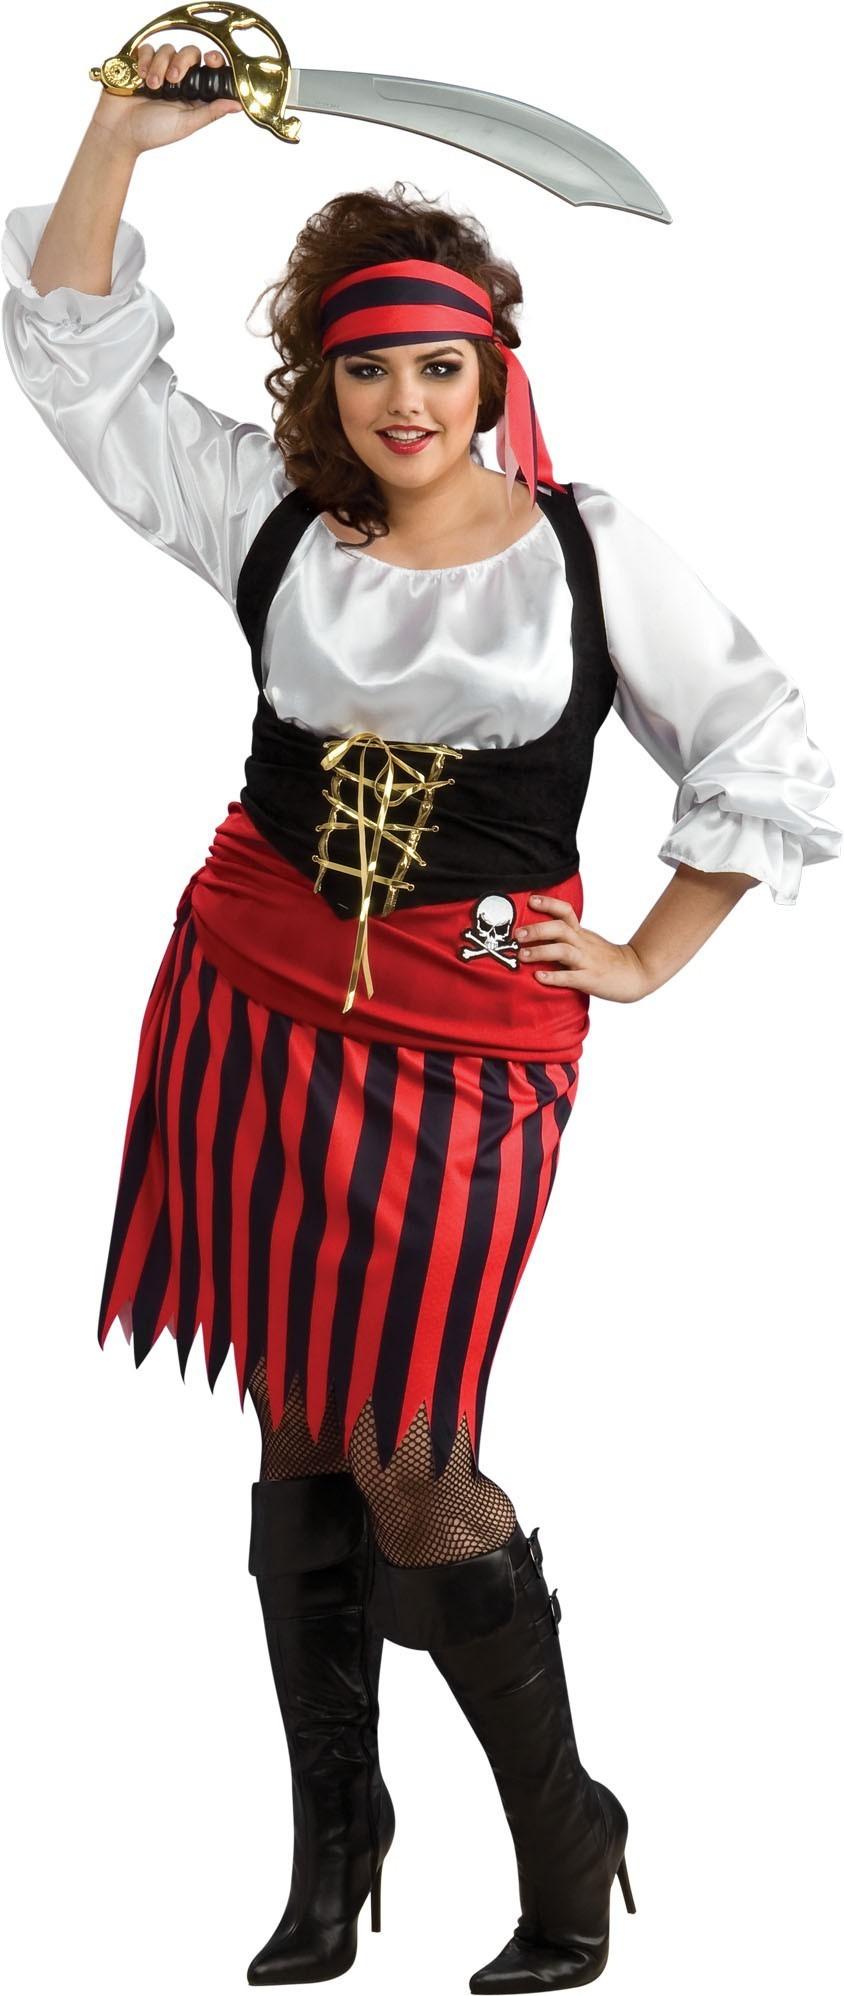 826ebc07dce Déguisement pirate femme +